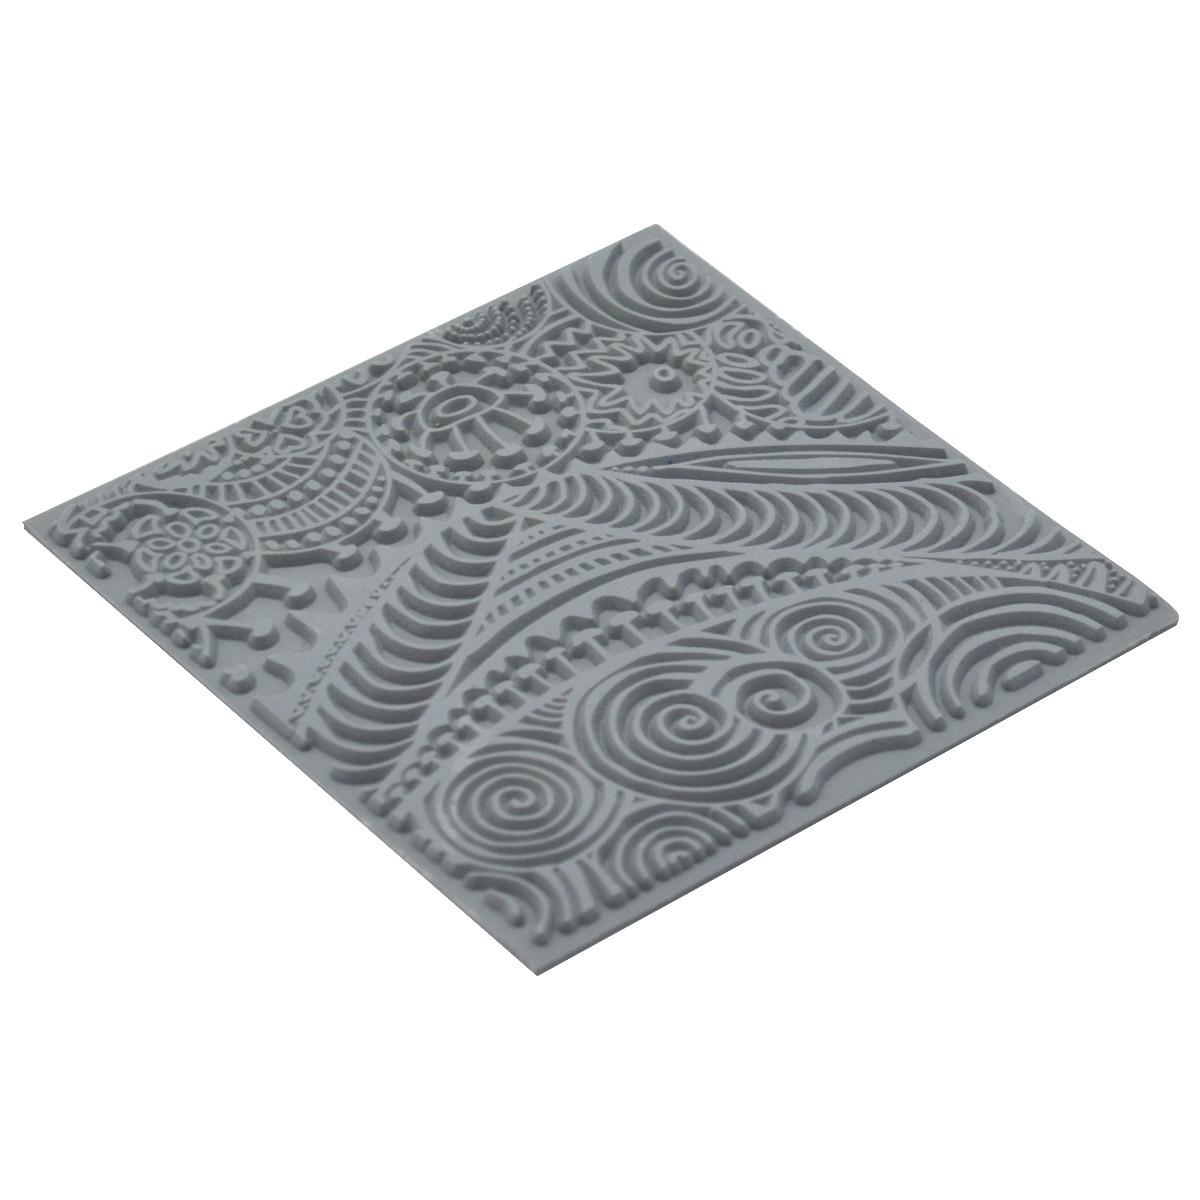 CE95001 Текстура для пластики резиновая 'Фристайл', 9х9 см. Cernit